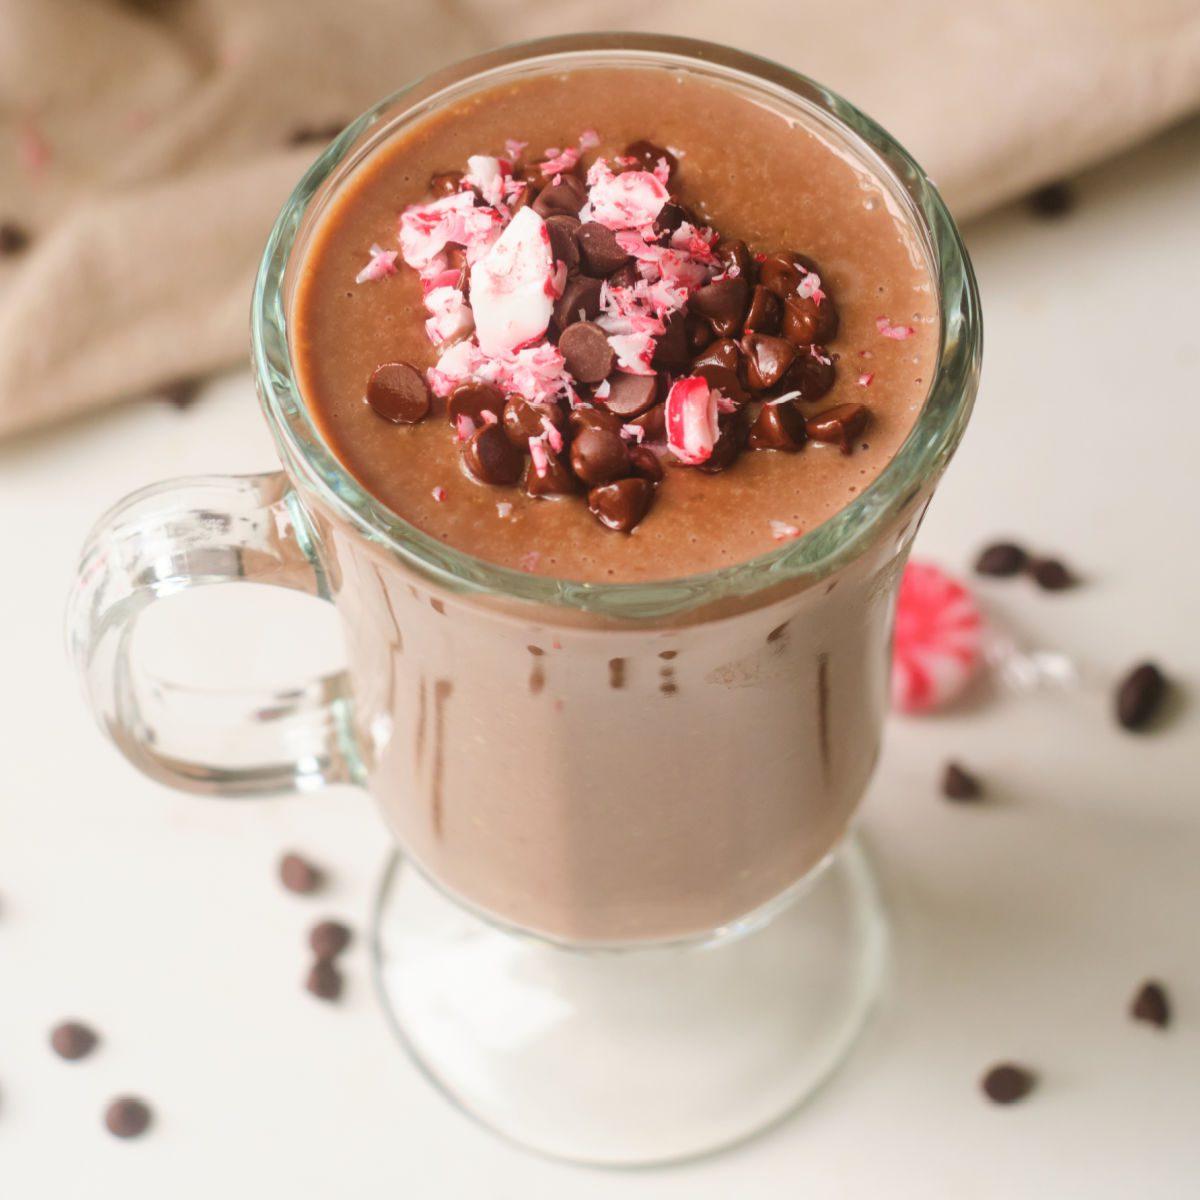 warm protein oat smoothie